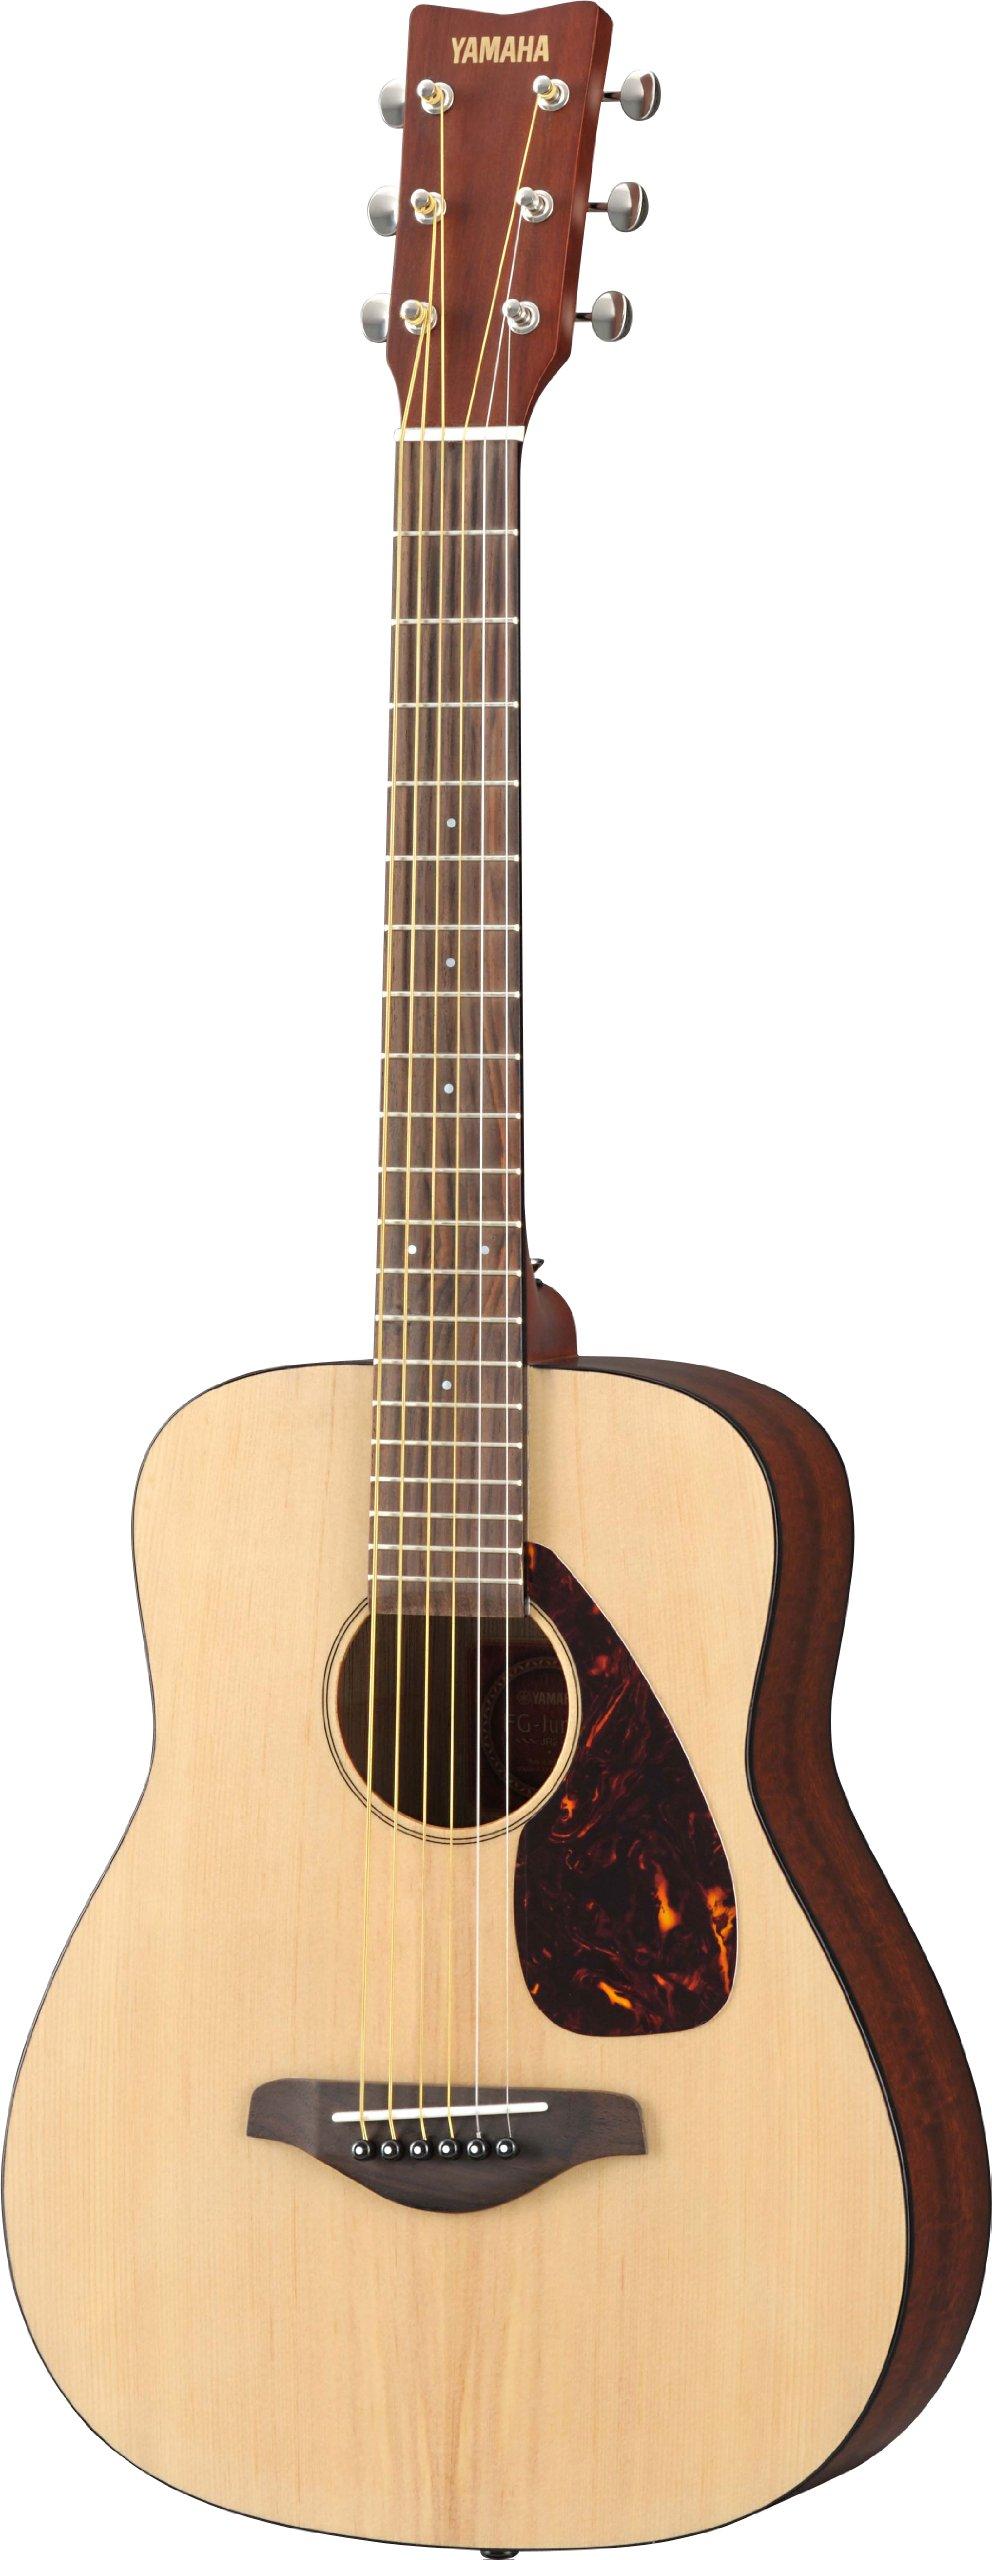 Yamaha JR2 3/4 Size Guitar with Gig Bag, Natural